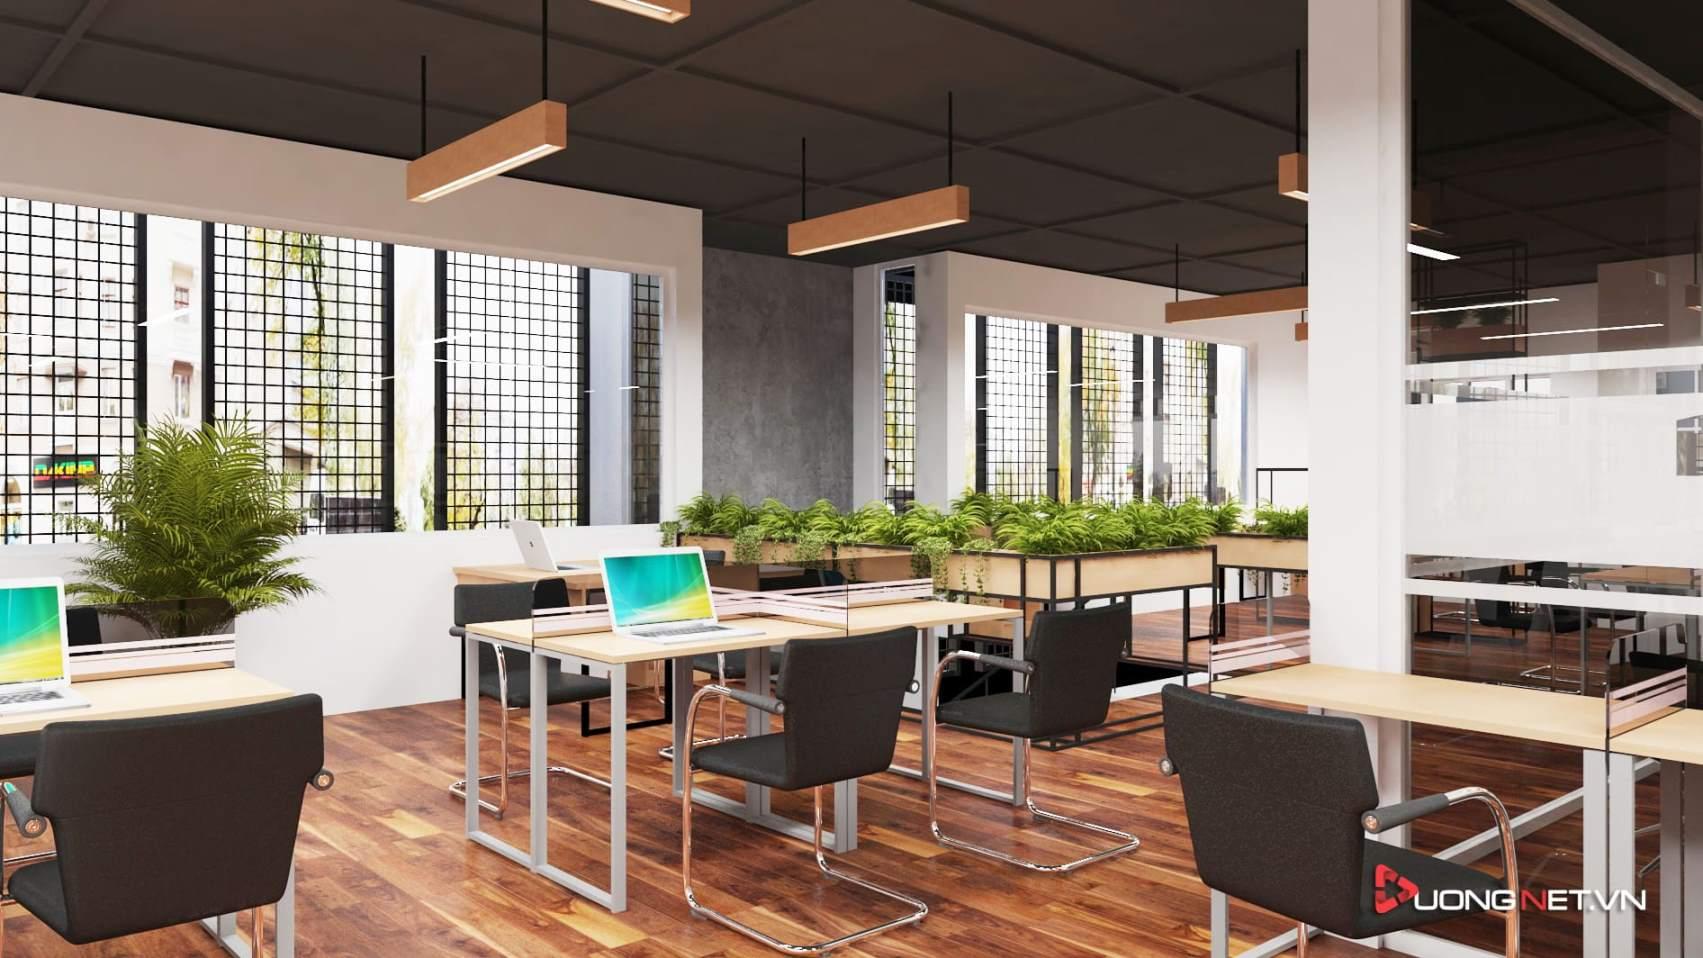 Thiết kế nội thất sáng tạo tại công ty truyền thông Mẹ & Con 5